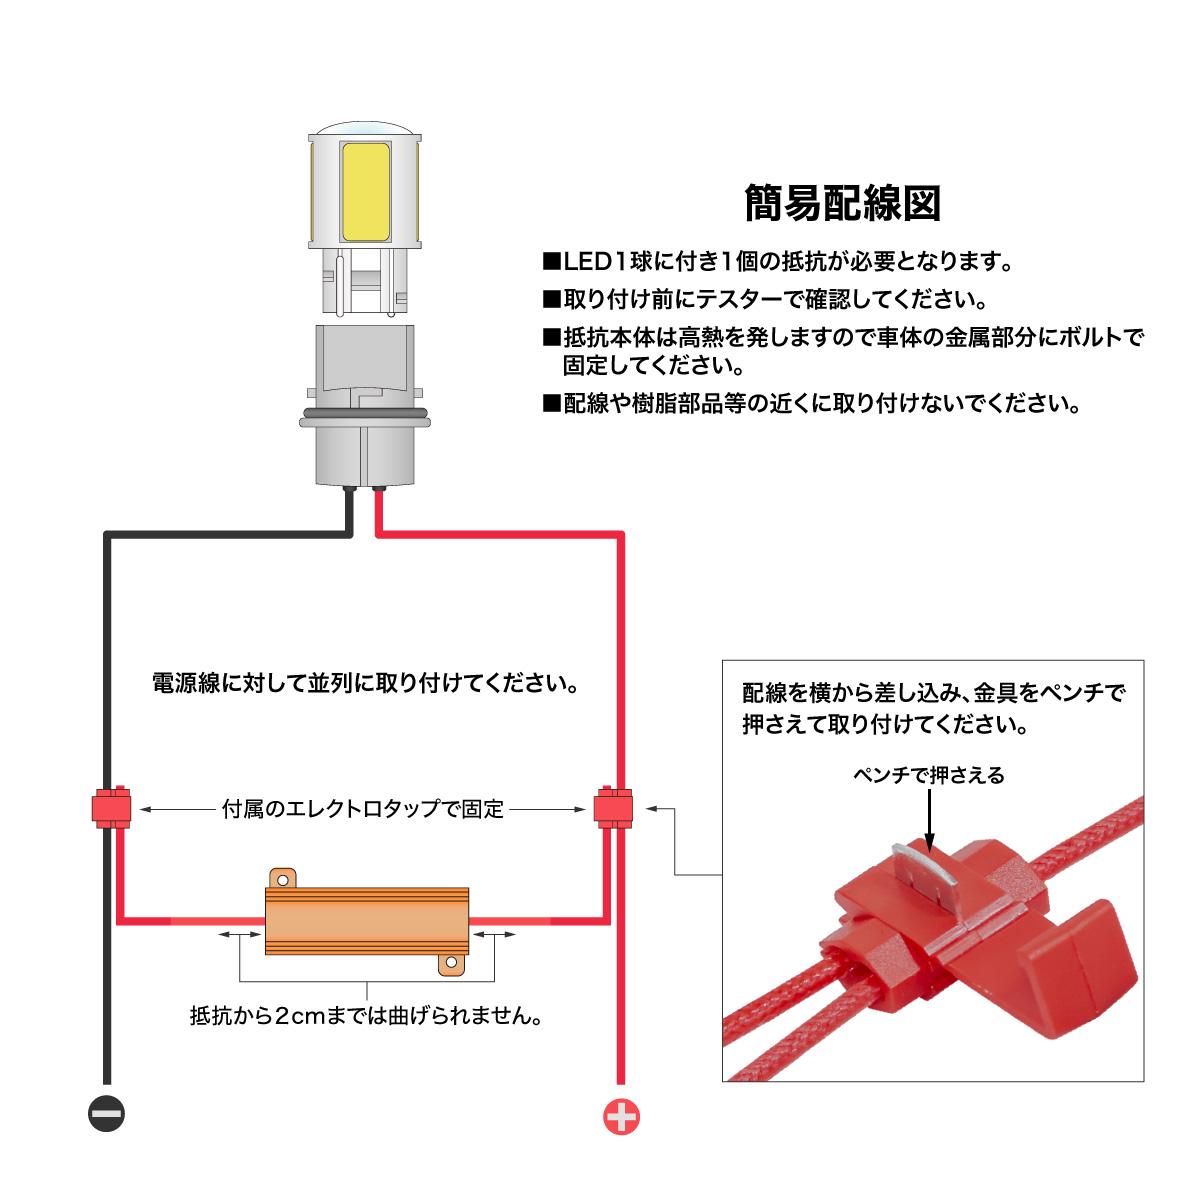 hight resolution of  warning light kiang seller blinker relay blinker simple installation correspondence 45209 running out of high fra